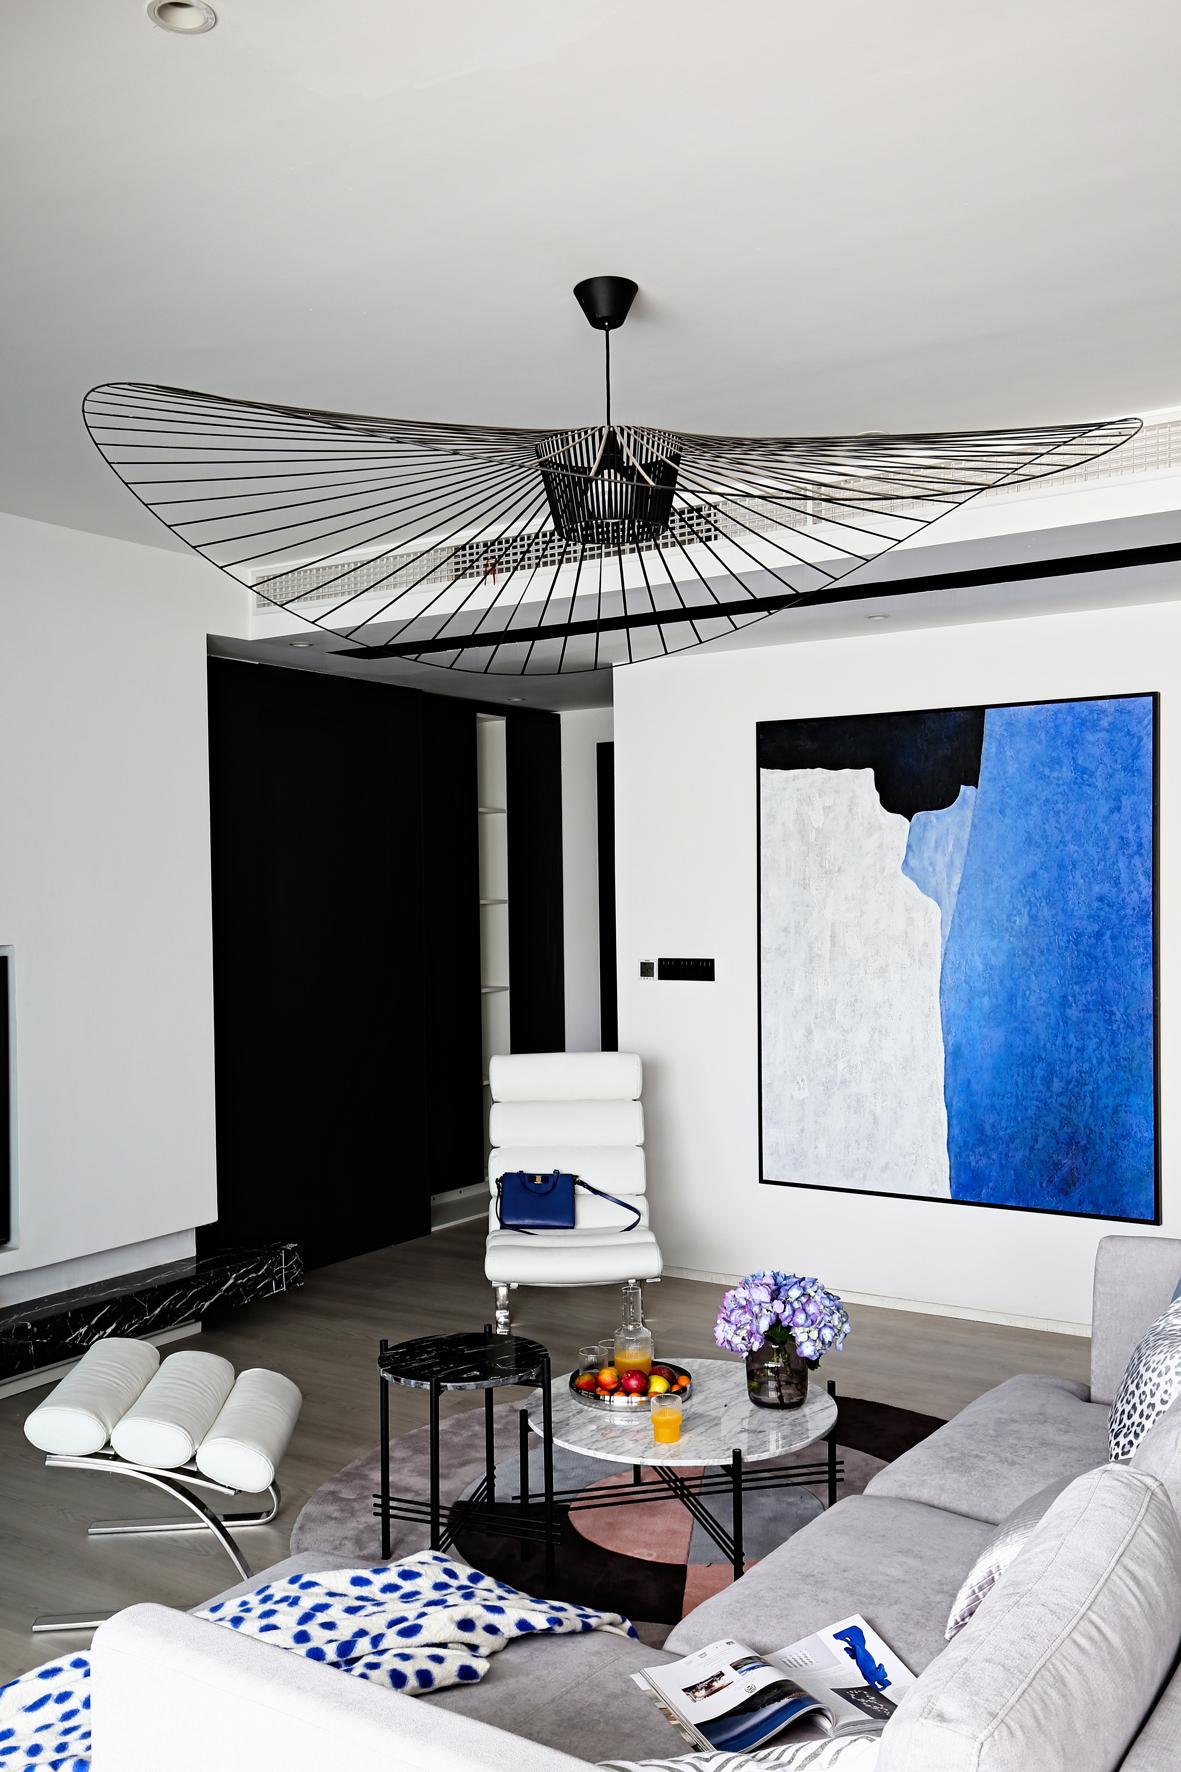 130㎡现代风装修客厅吊灯设计